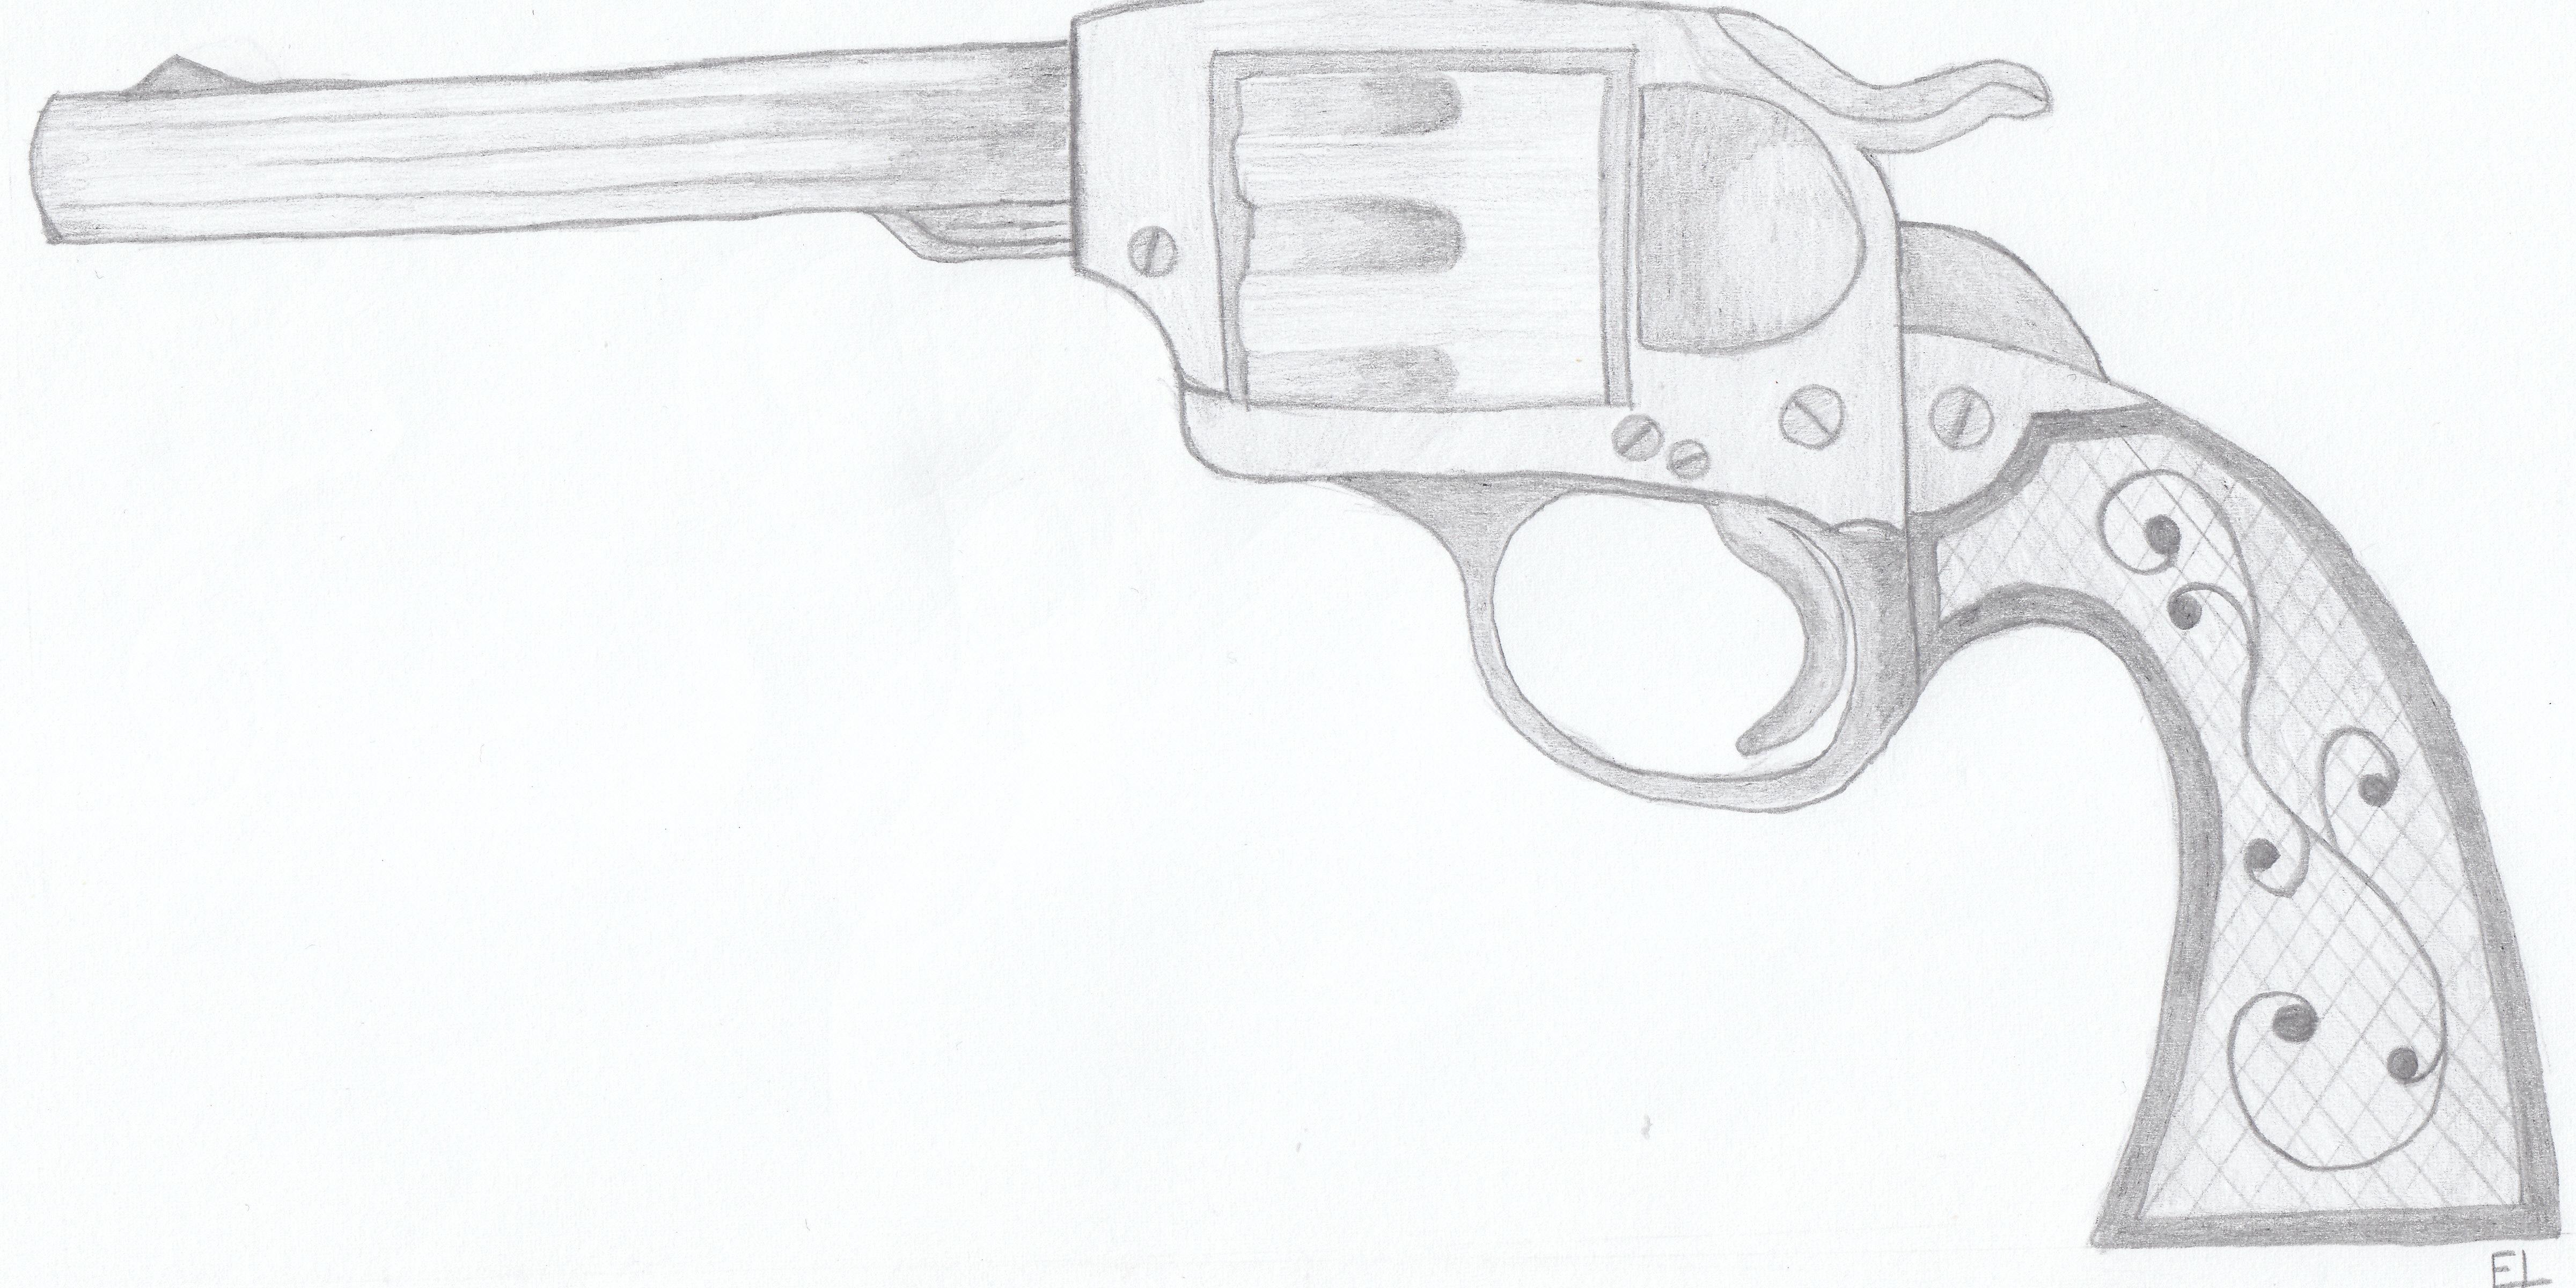 Western gun by ElkeTat on DeviantArt